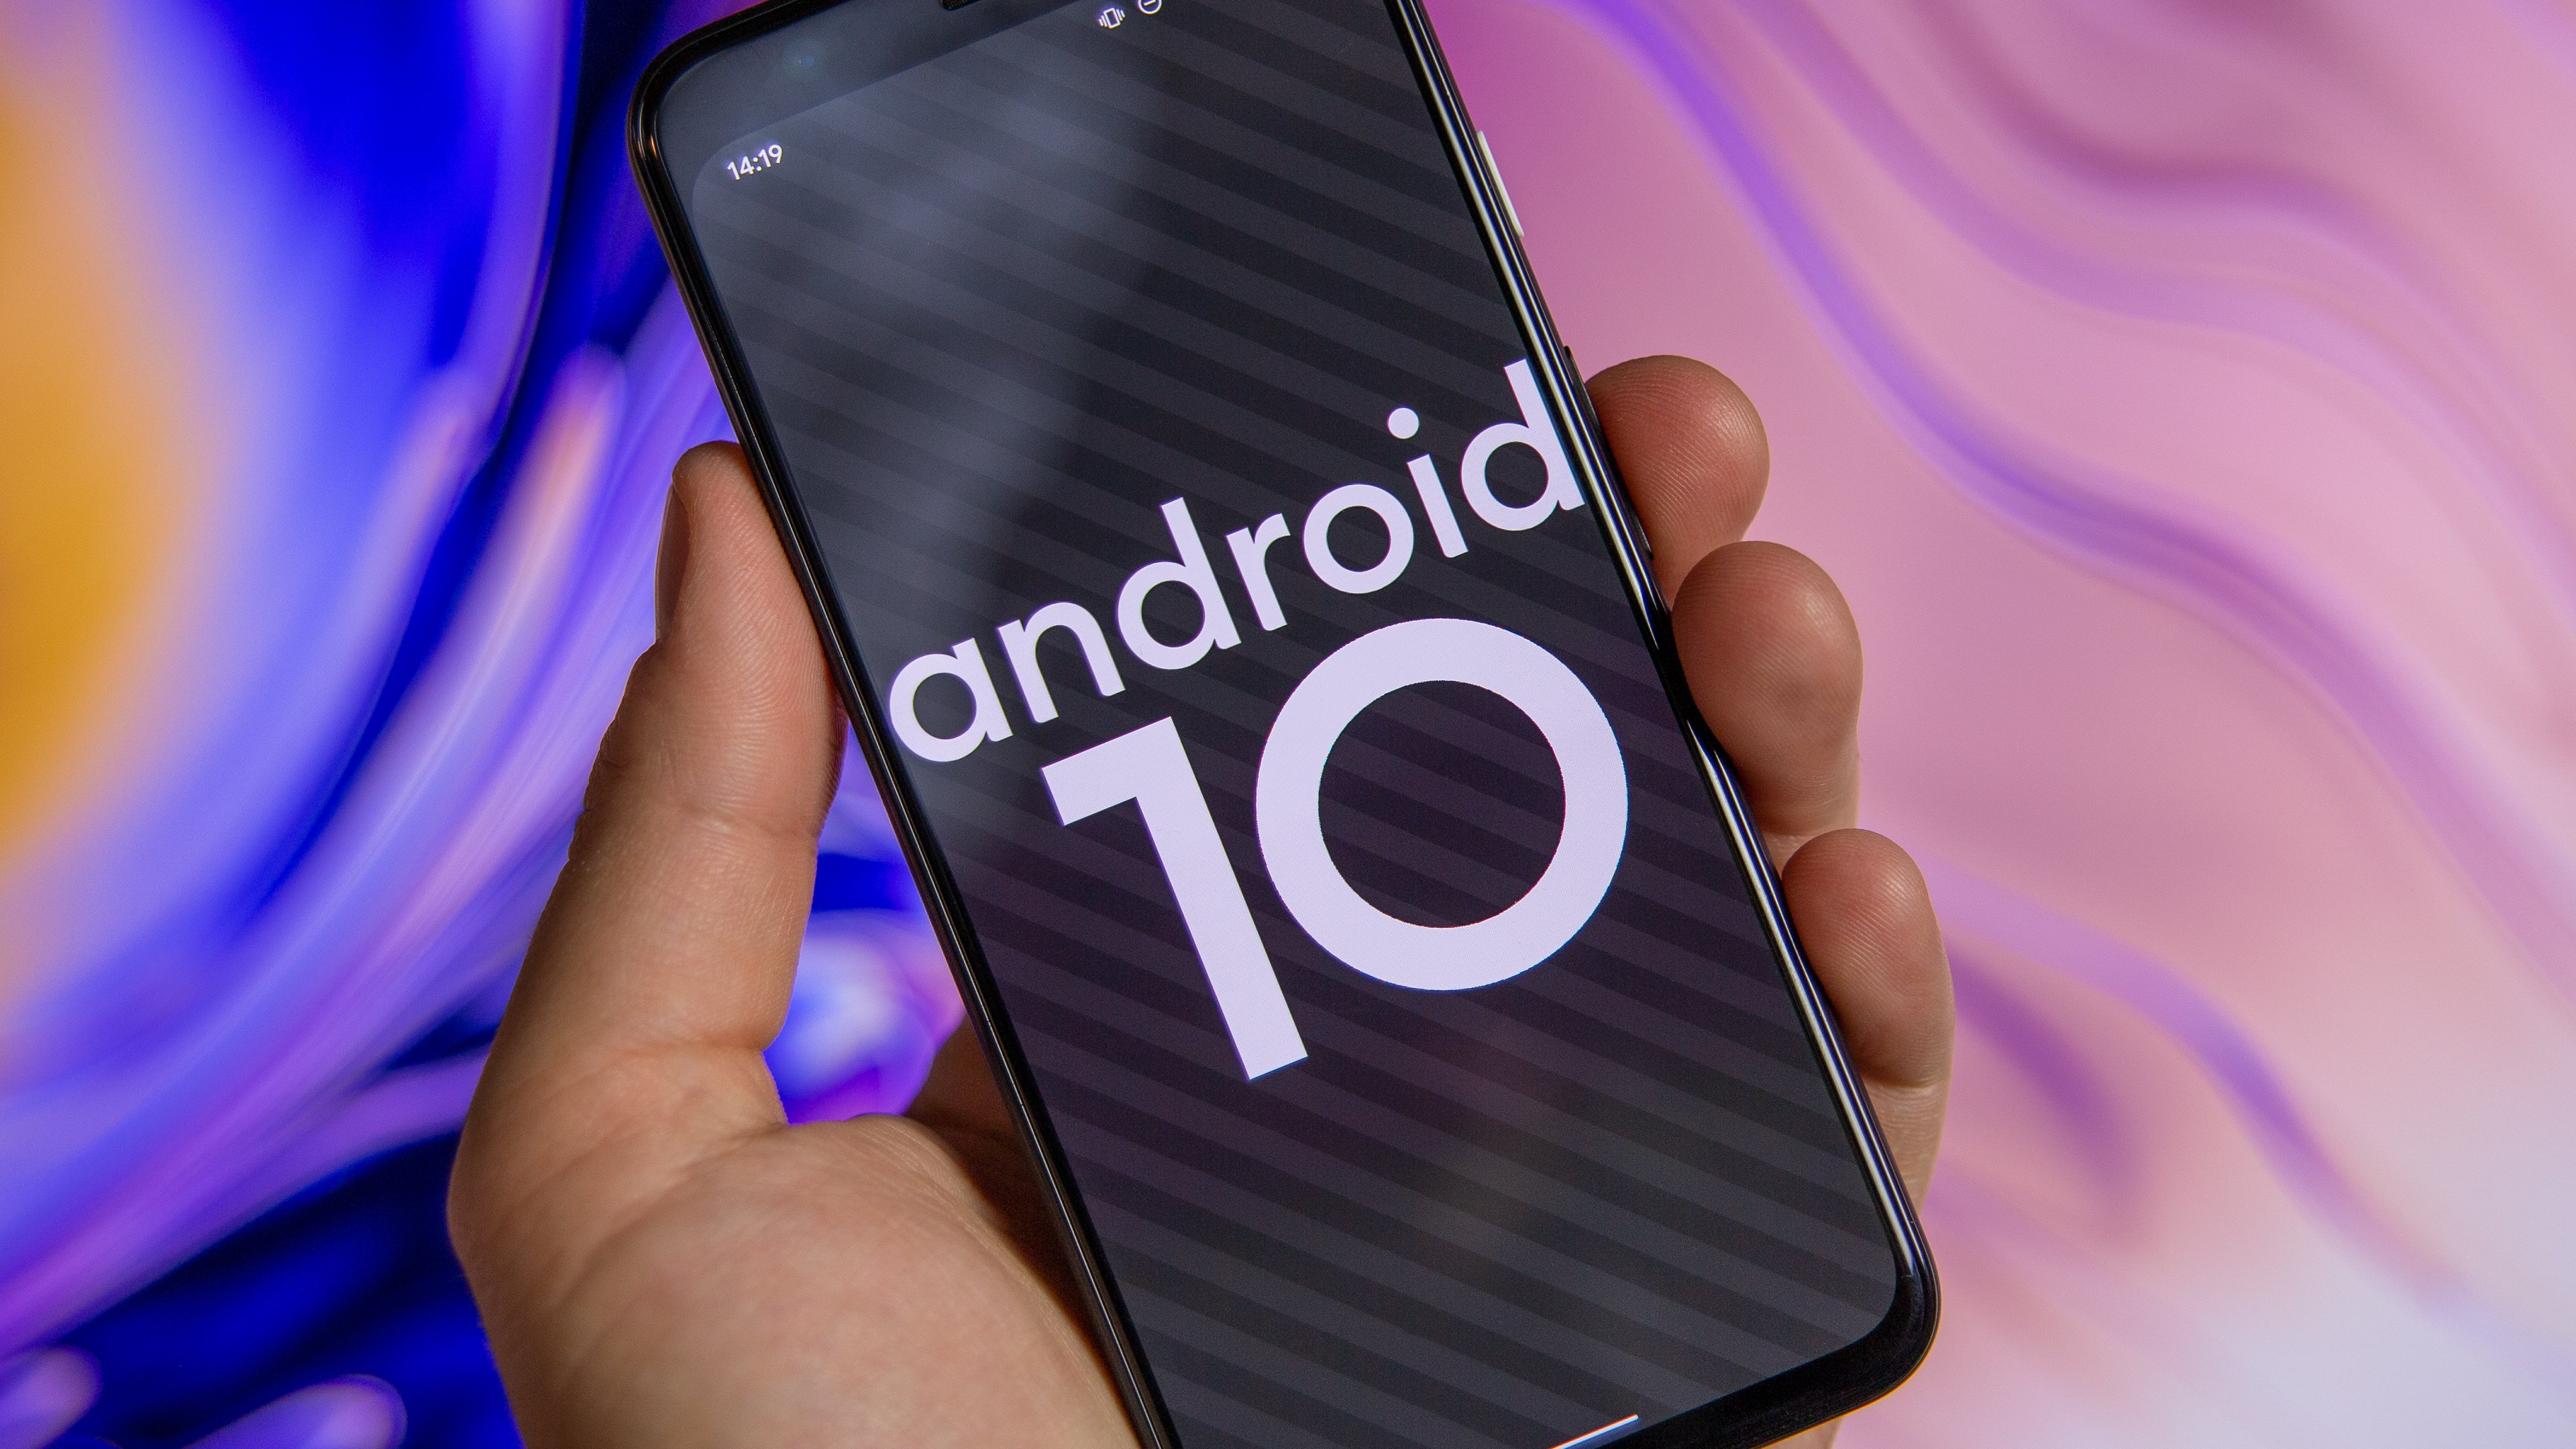 wann kommt android 10 für samsung